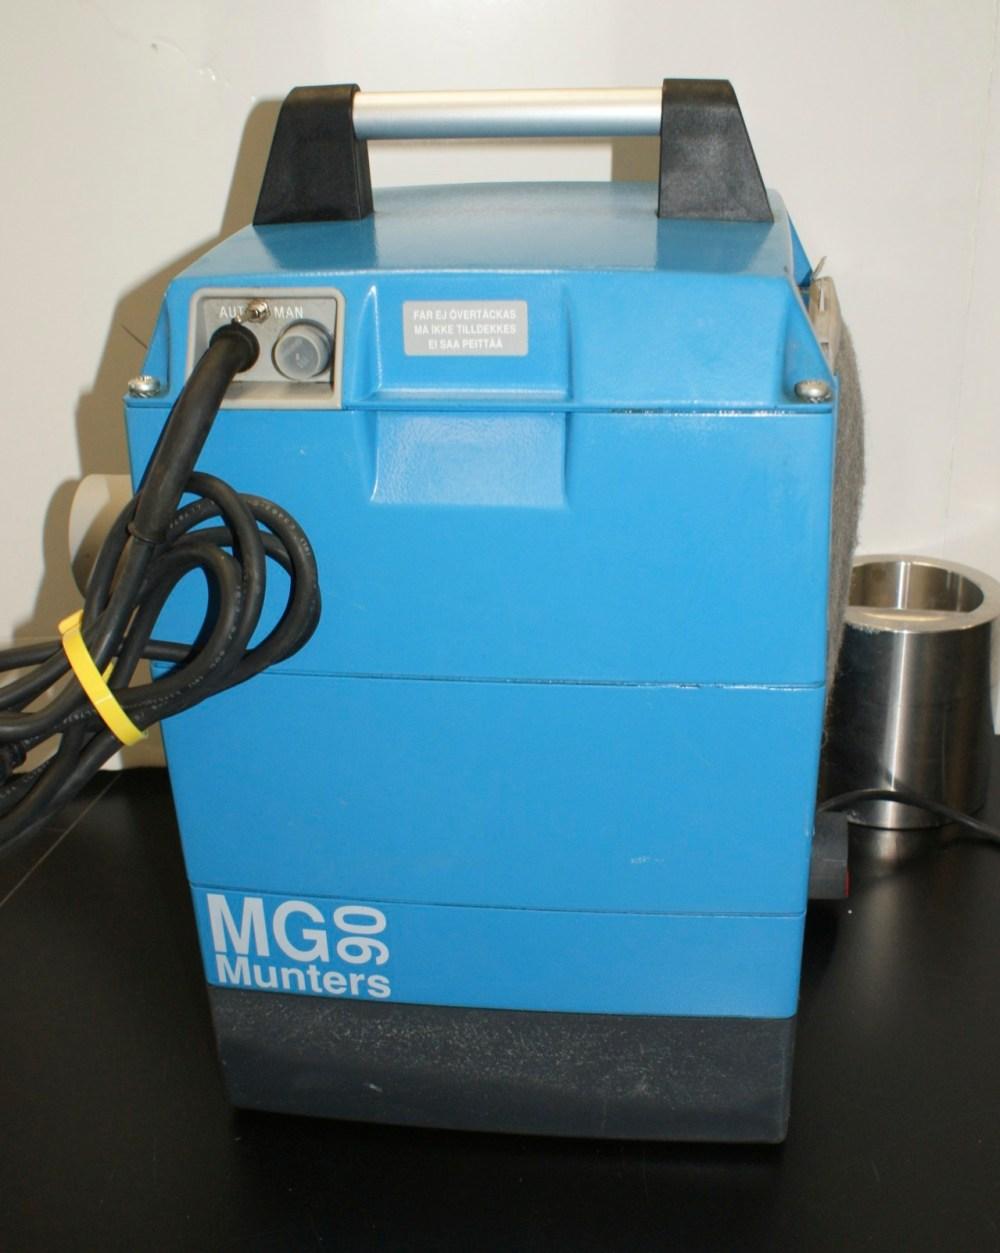 medium resolution of munters dehumidifier mg 90 munters mg90 munters mg 90 dehumidifier 2115 volt used nice